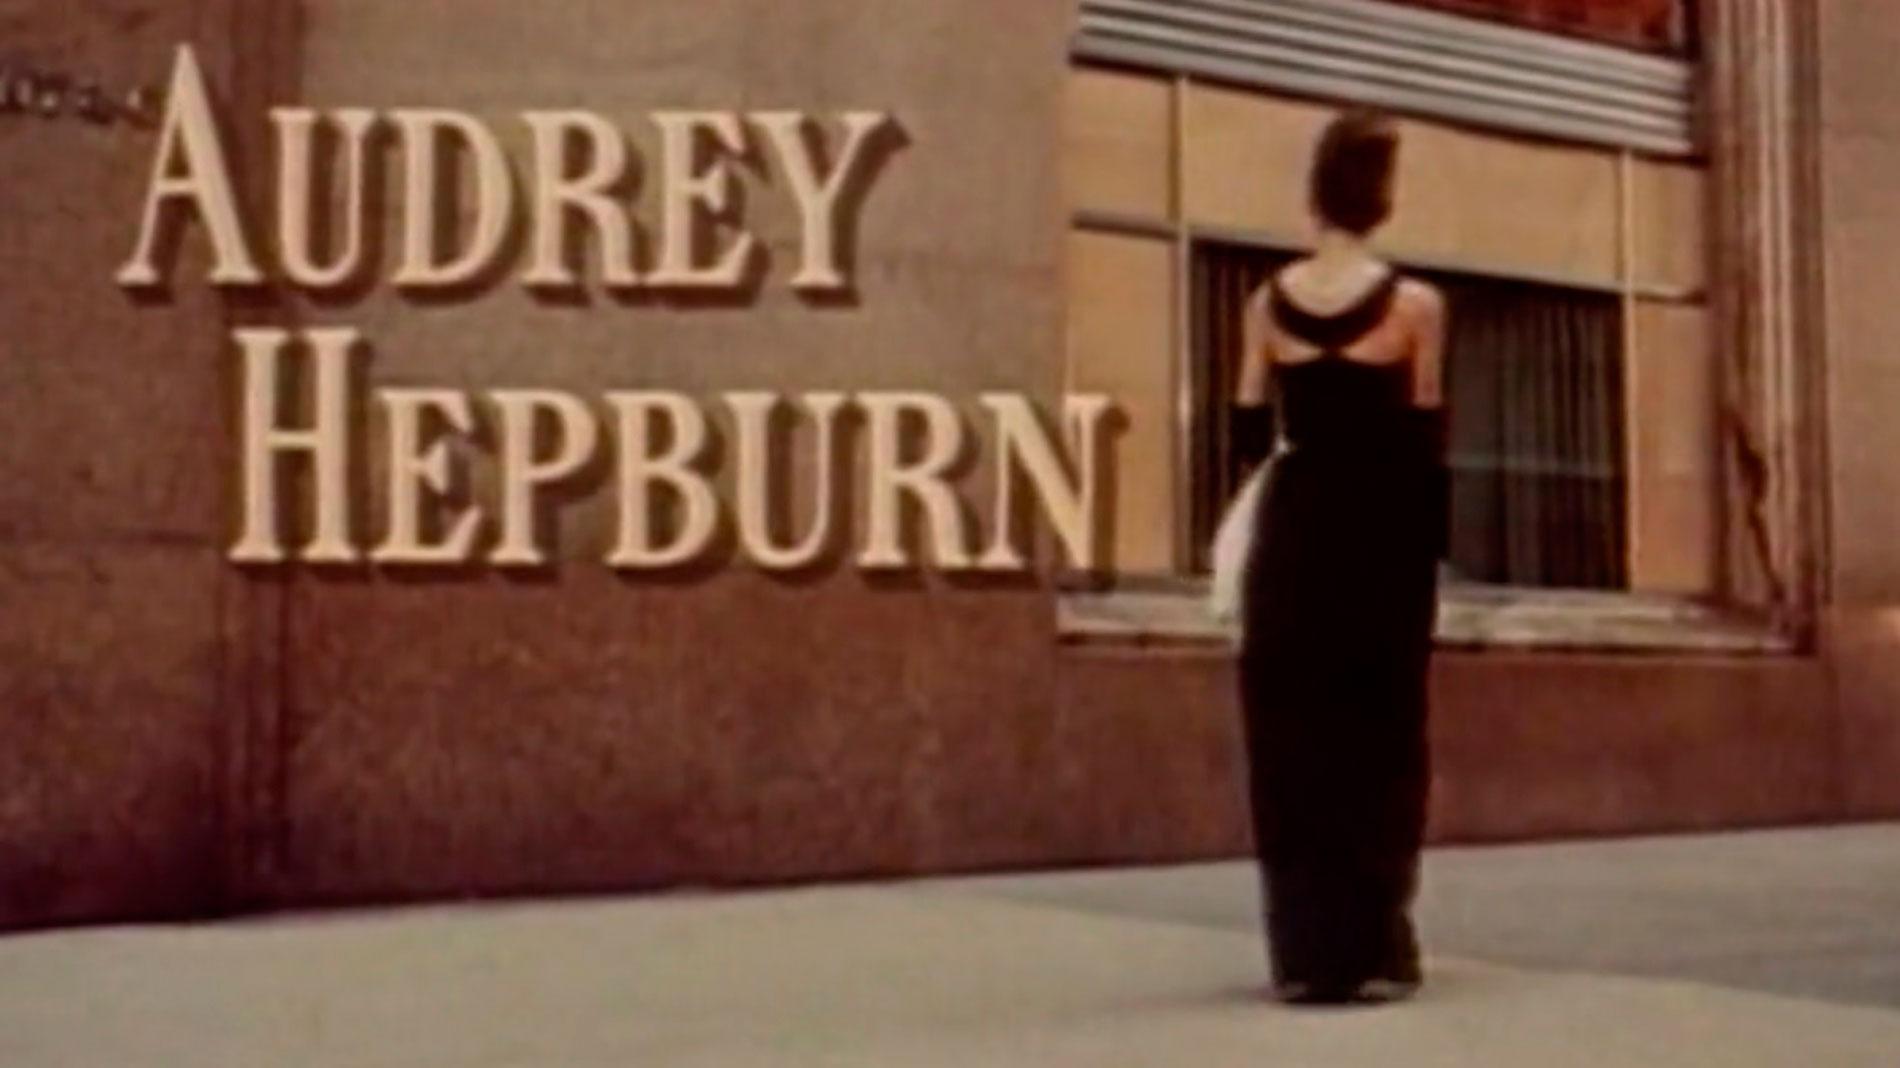 El Museo del Traje de Madrid exhibe el vestido que llevó Audrey Hepburn en 'Desayuno con diamantes'